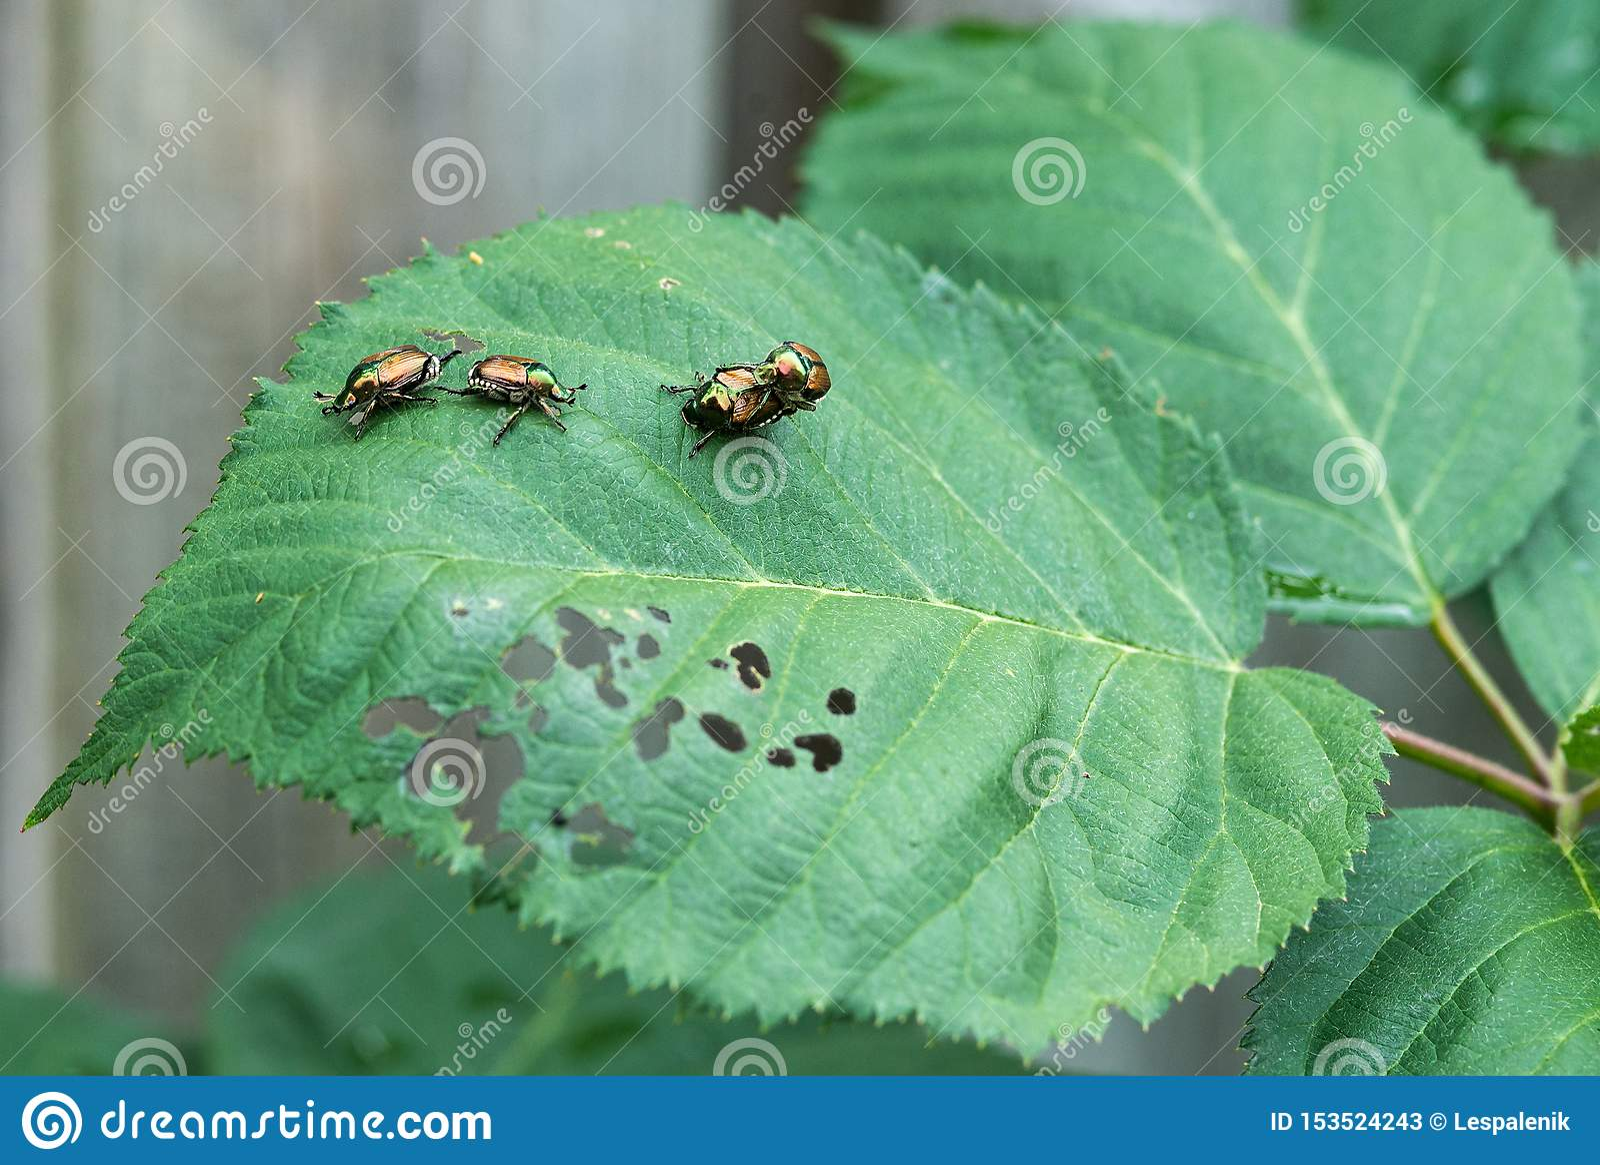 Japanische Käfer auf einem Brombeerblatt